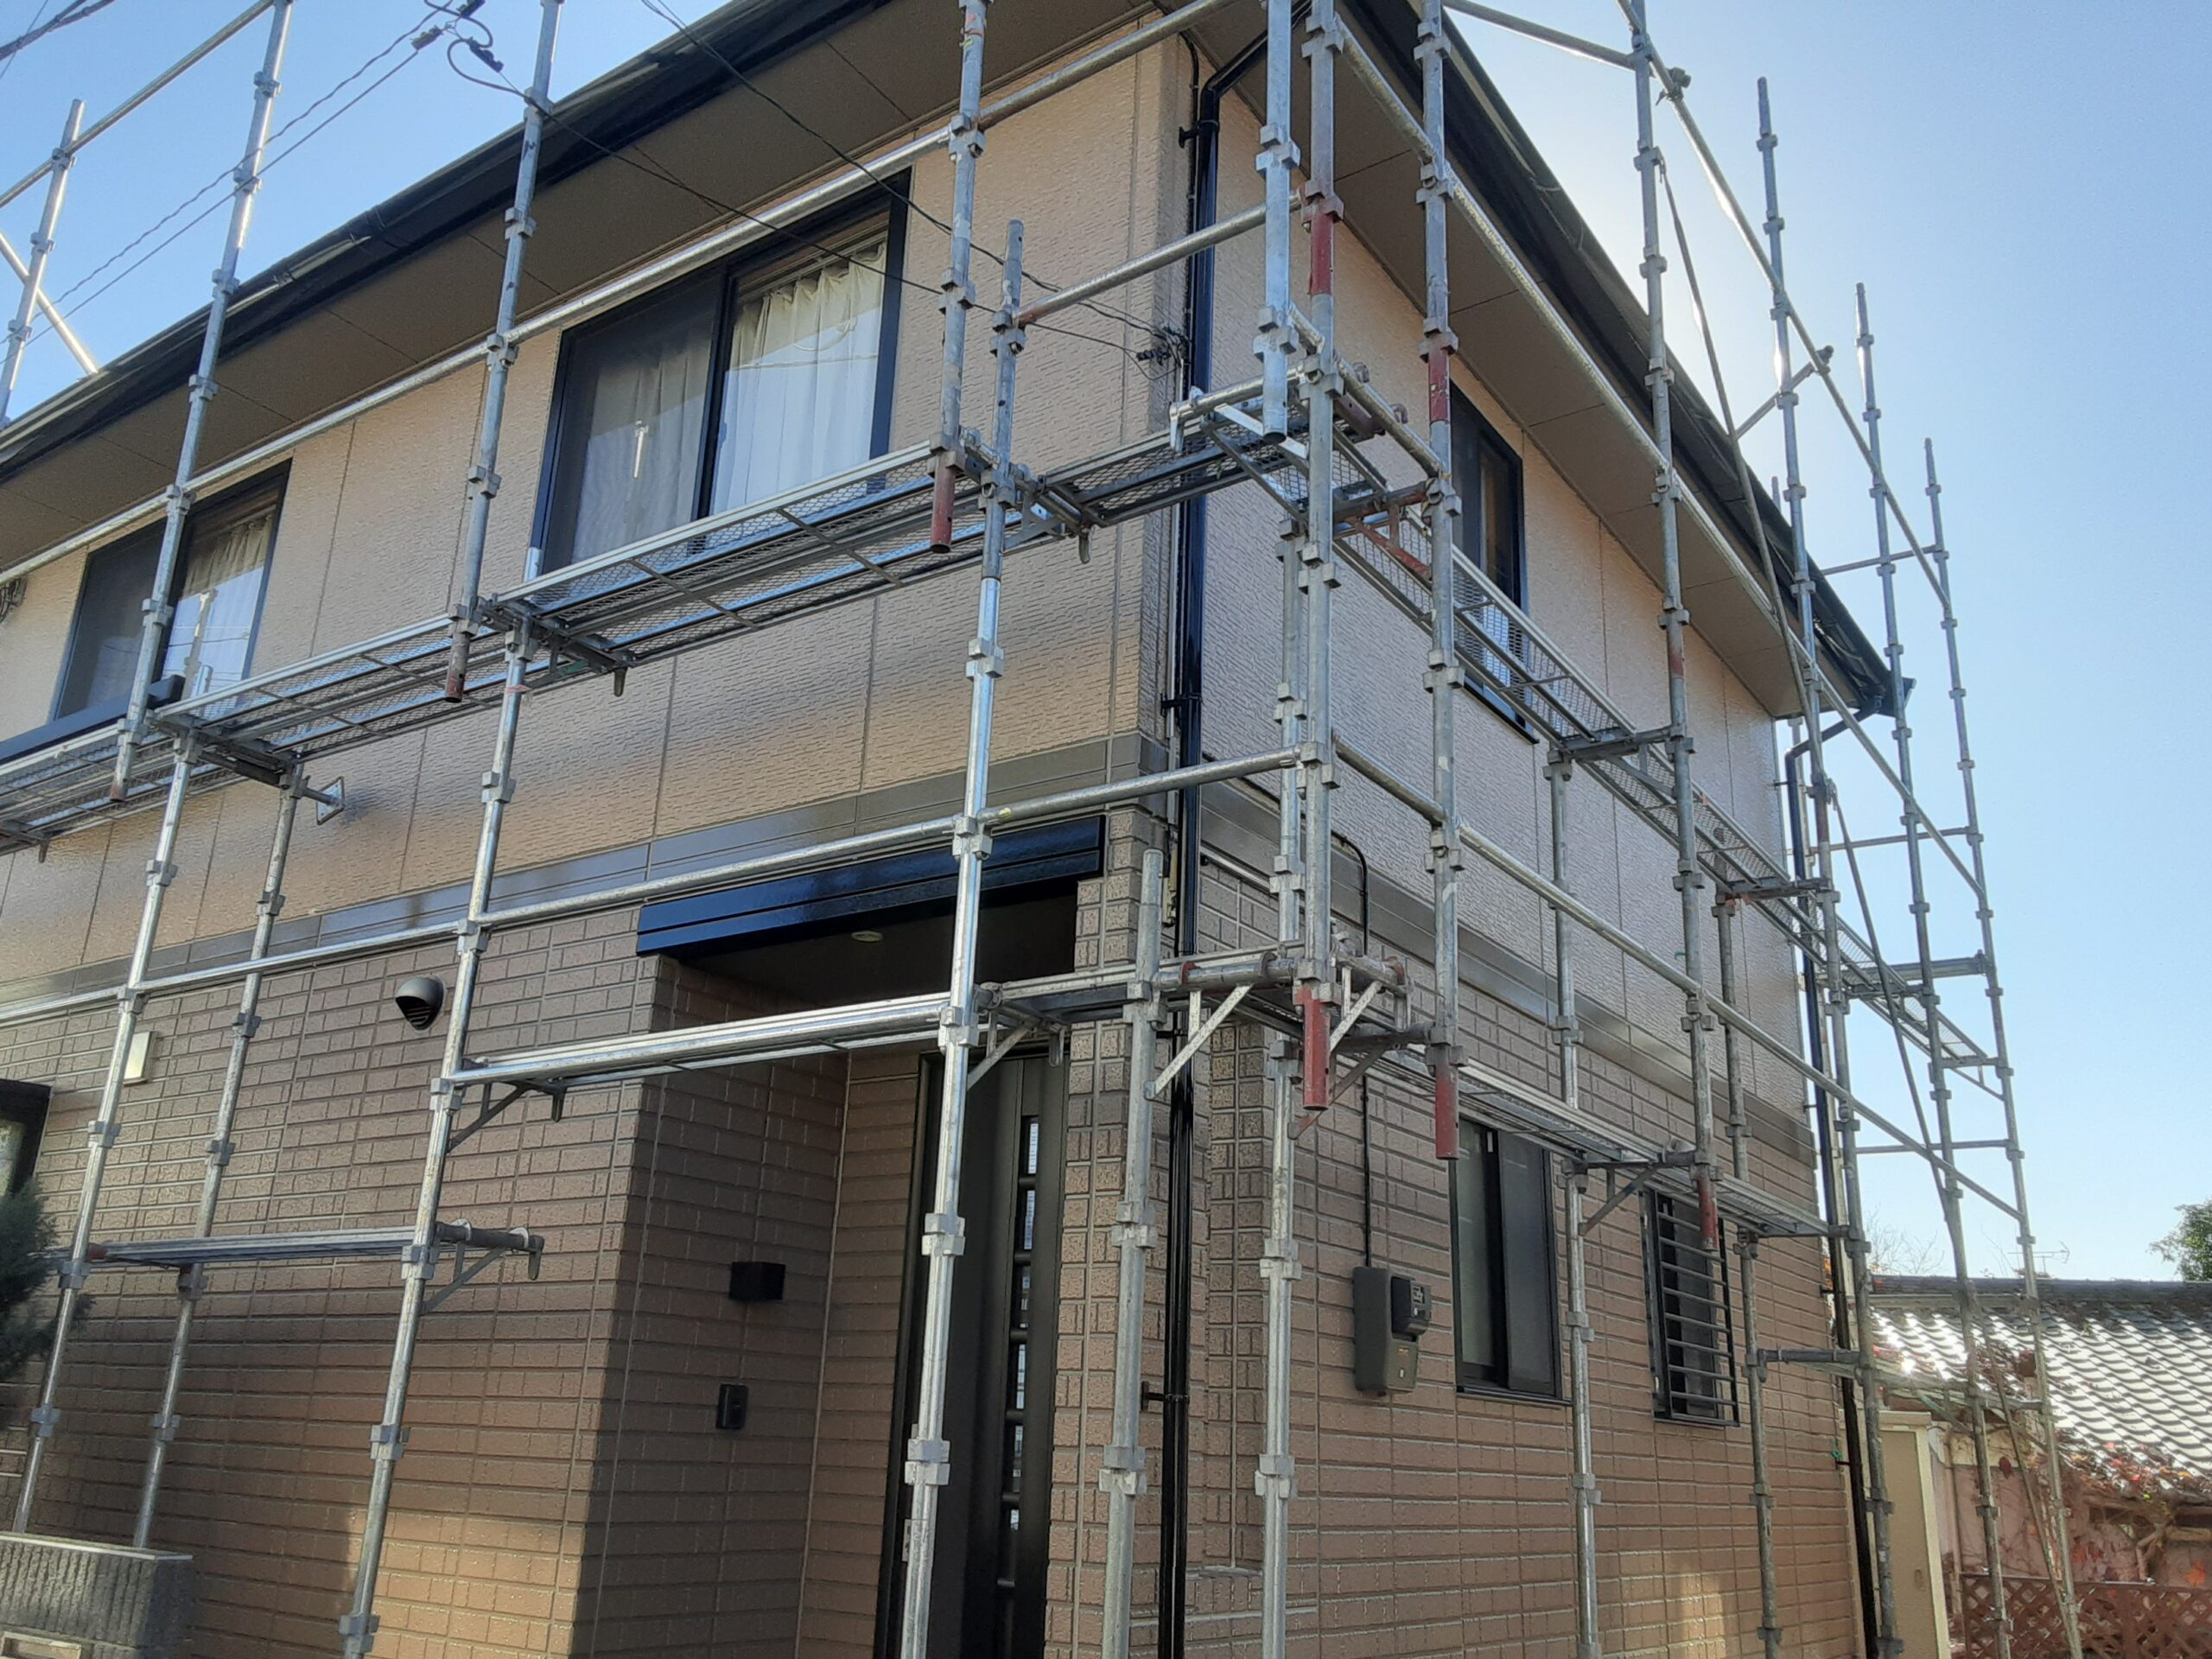 外壁サッシ回りの掃除、タッチアップの作業/さいたま市西区の(木造2階建て)N様邸にて塗り替えリホーム中